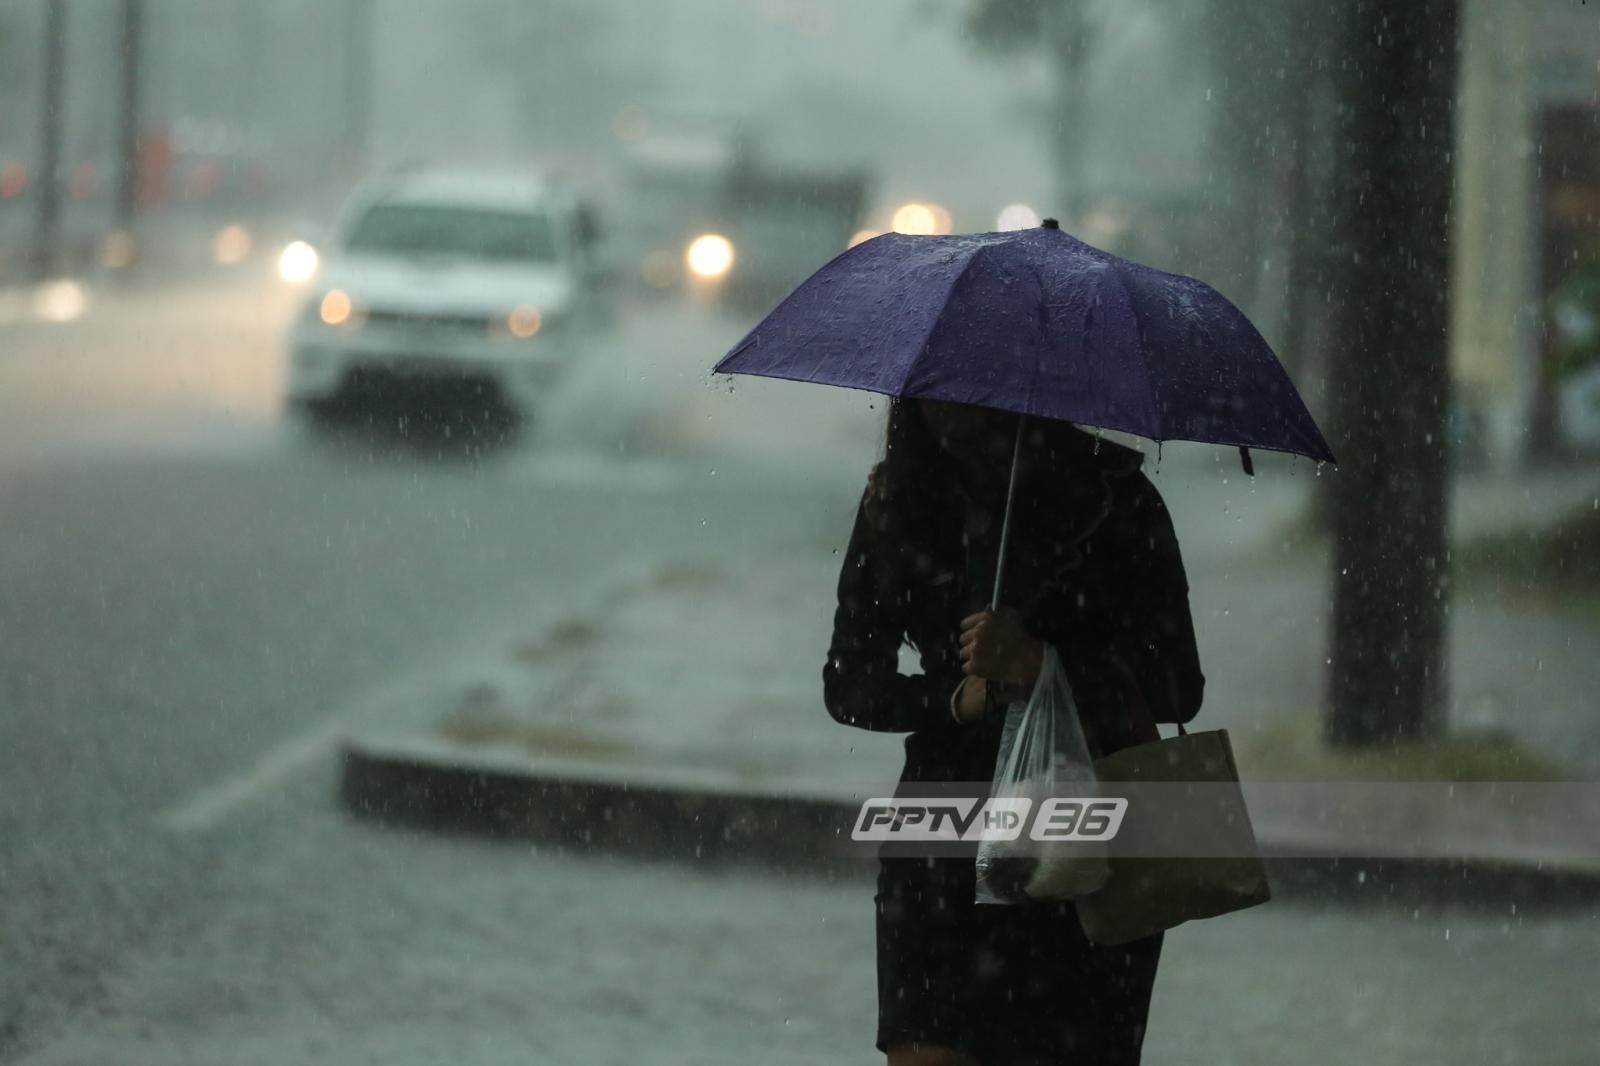 อุตุนิยมวิทยาเตือนระวังอันตรายจากพายุฤดูร้อนอีก 1 วัน